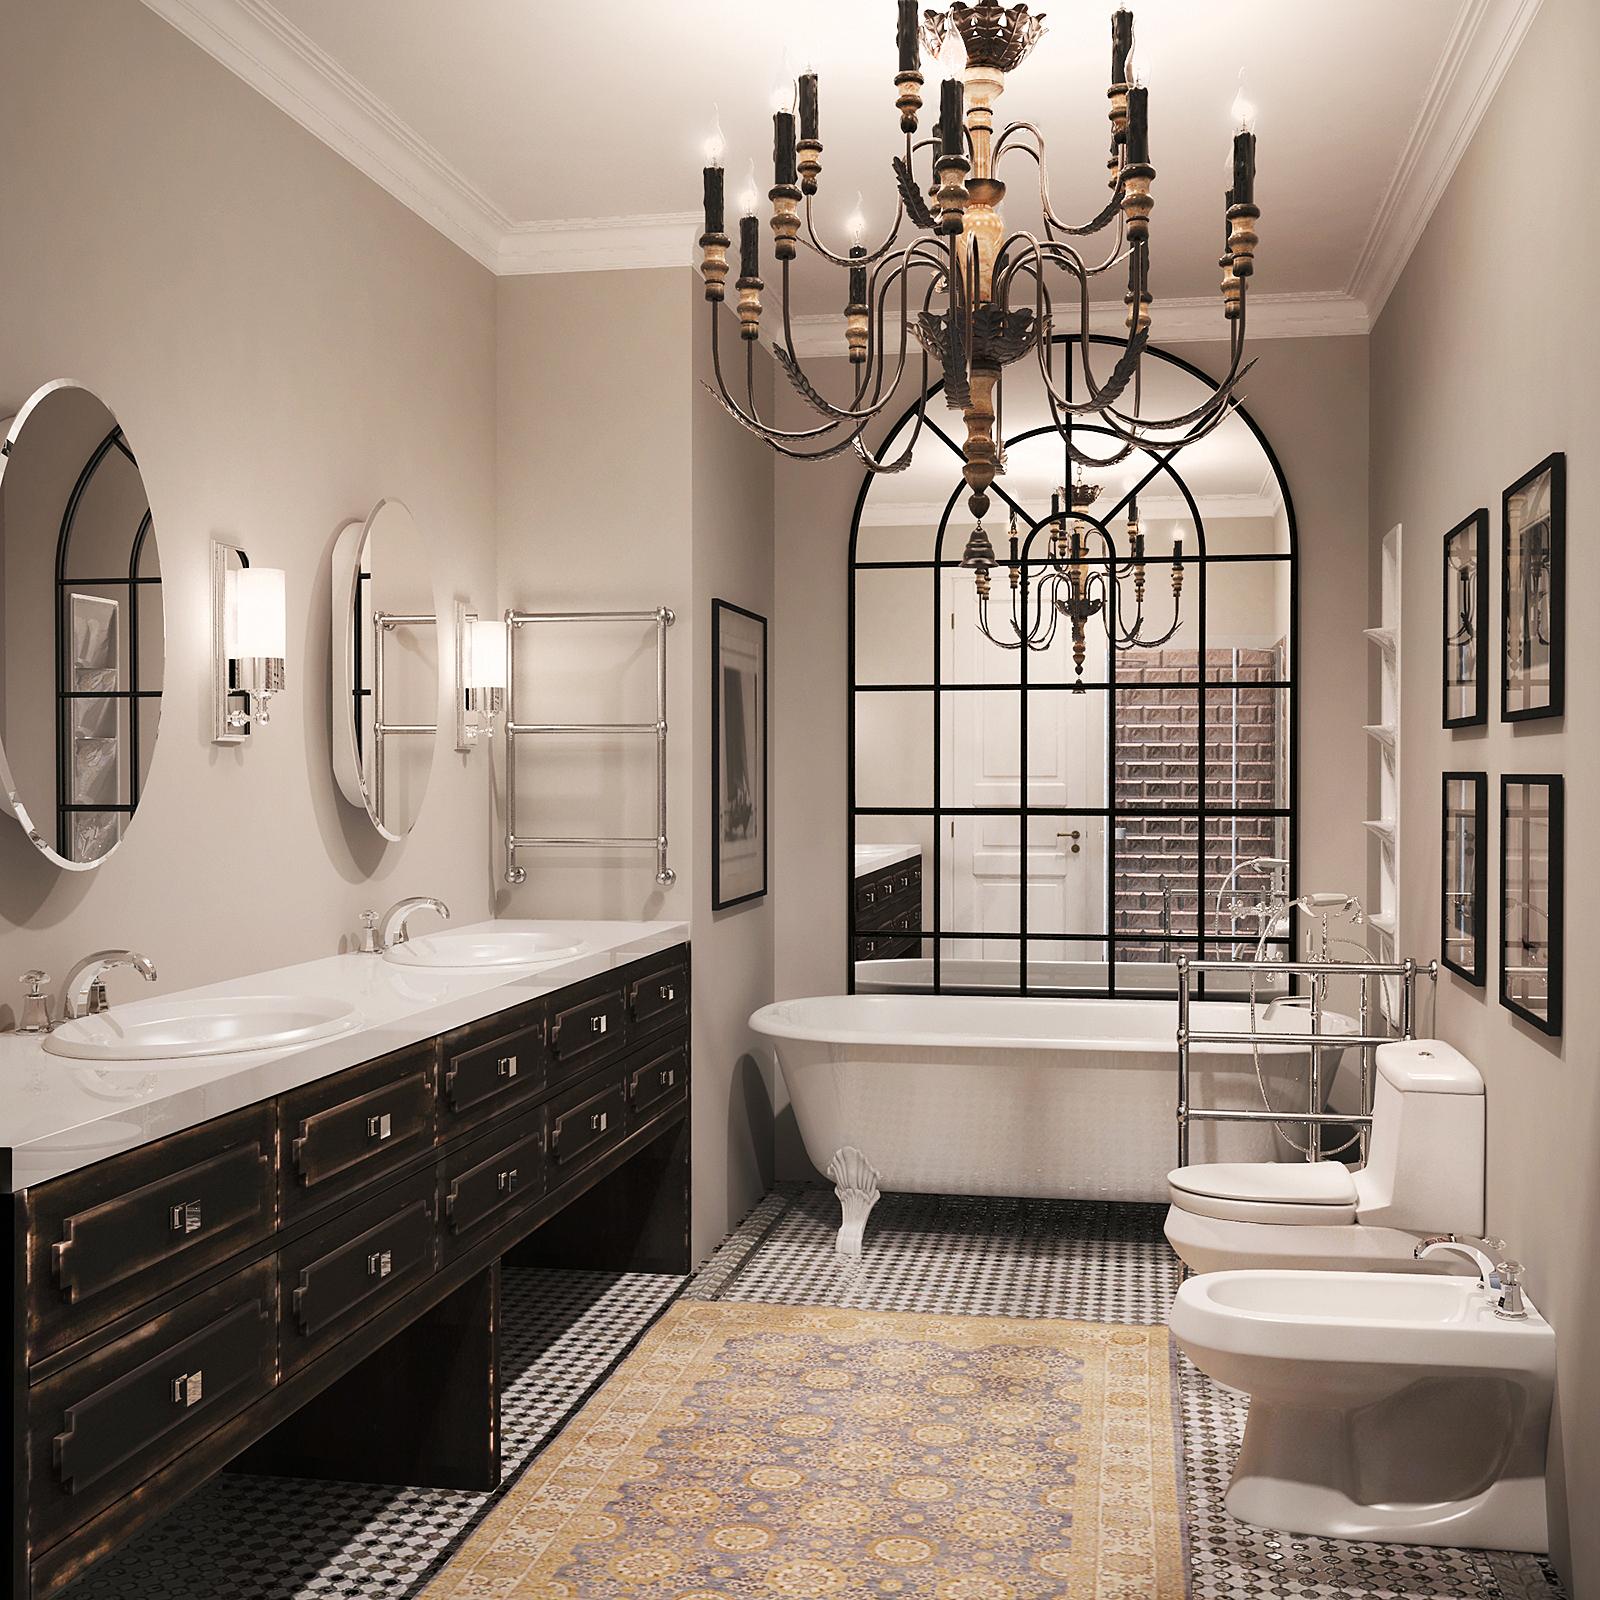 Ванна в классическом стиле: дизайн, варианты обустройства (+ фото)